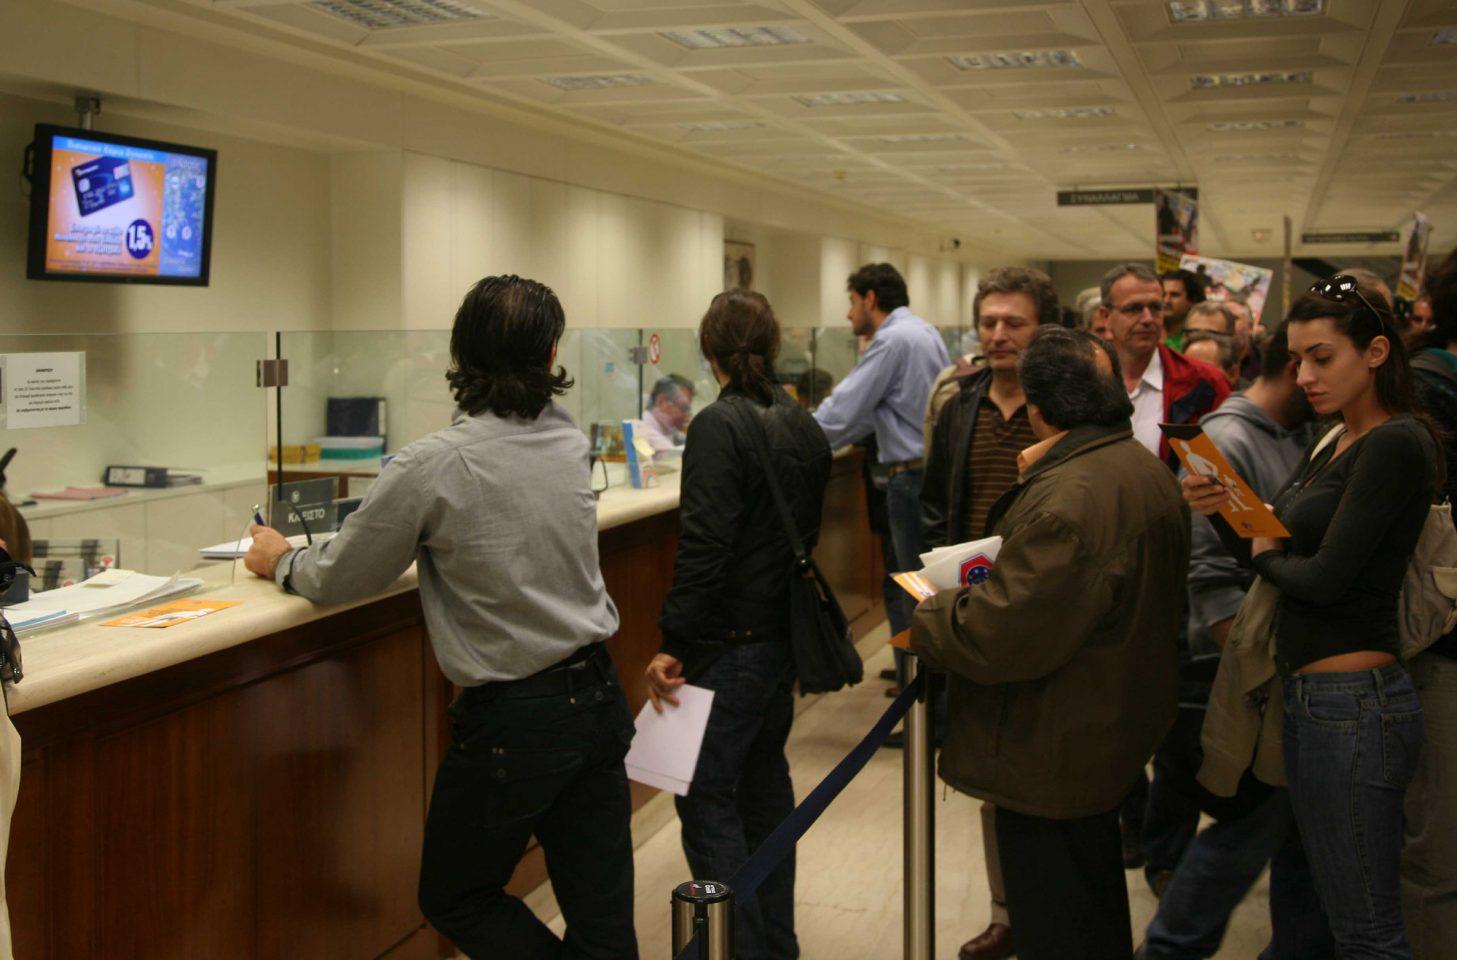 Τράπεζες - Συρρίκνωση: Μαχαίρι 28% στο δίκτυο και 20% στο προσωπικό